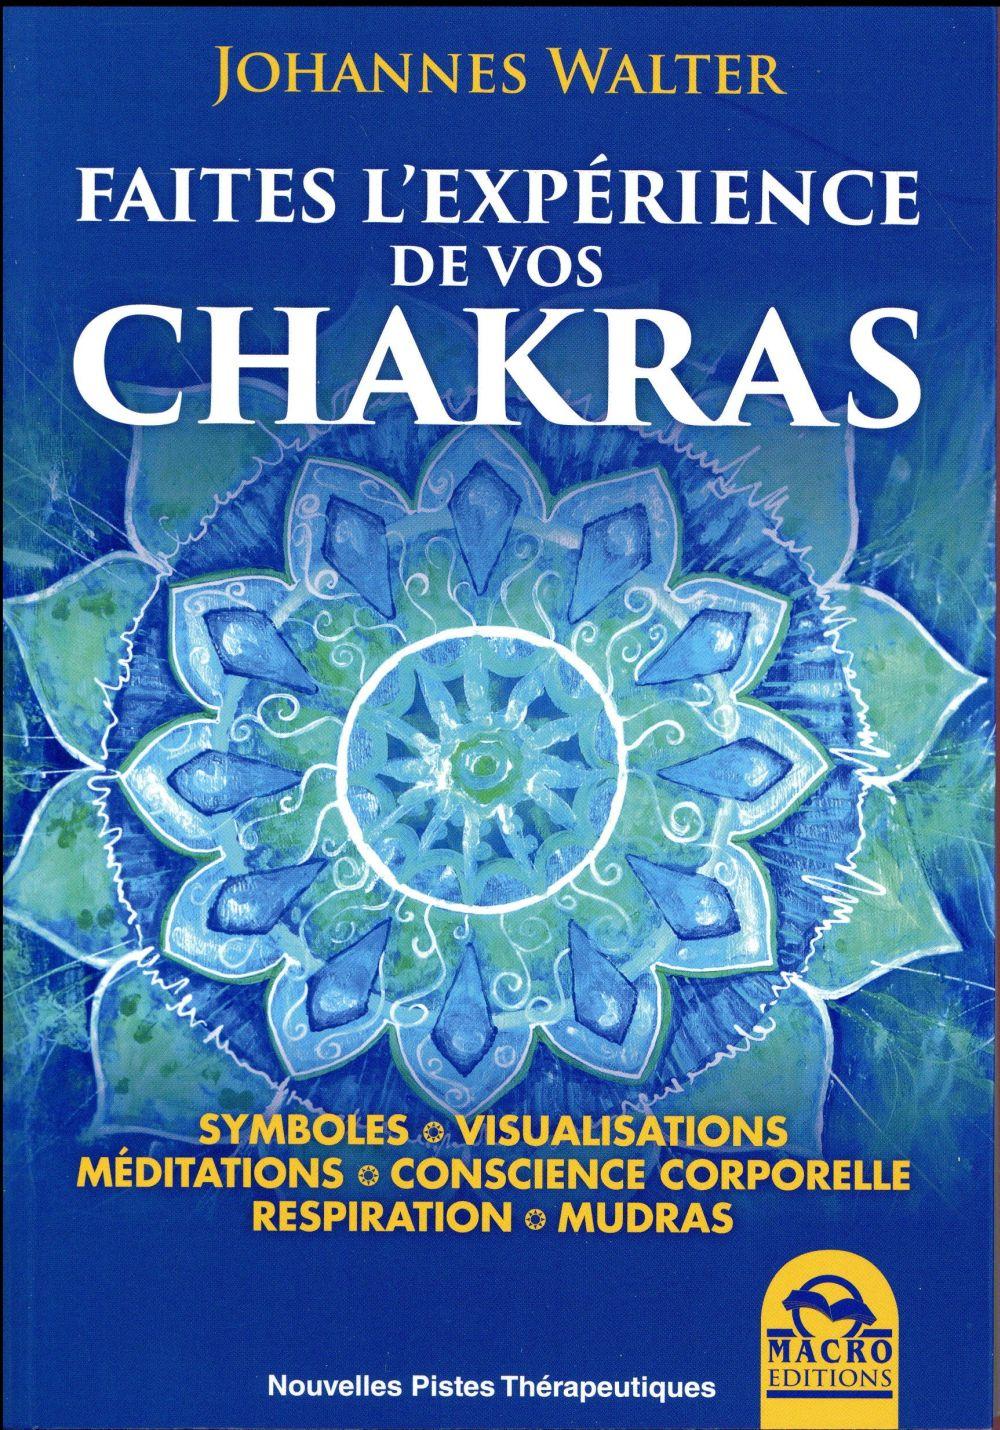 FAITES L'EXPERIENCE DE VOS CHAKRAS - SYMBOLES. VISUALISATION. MEDITATIONS. CONSCIENCE CORPORELLE. RE